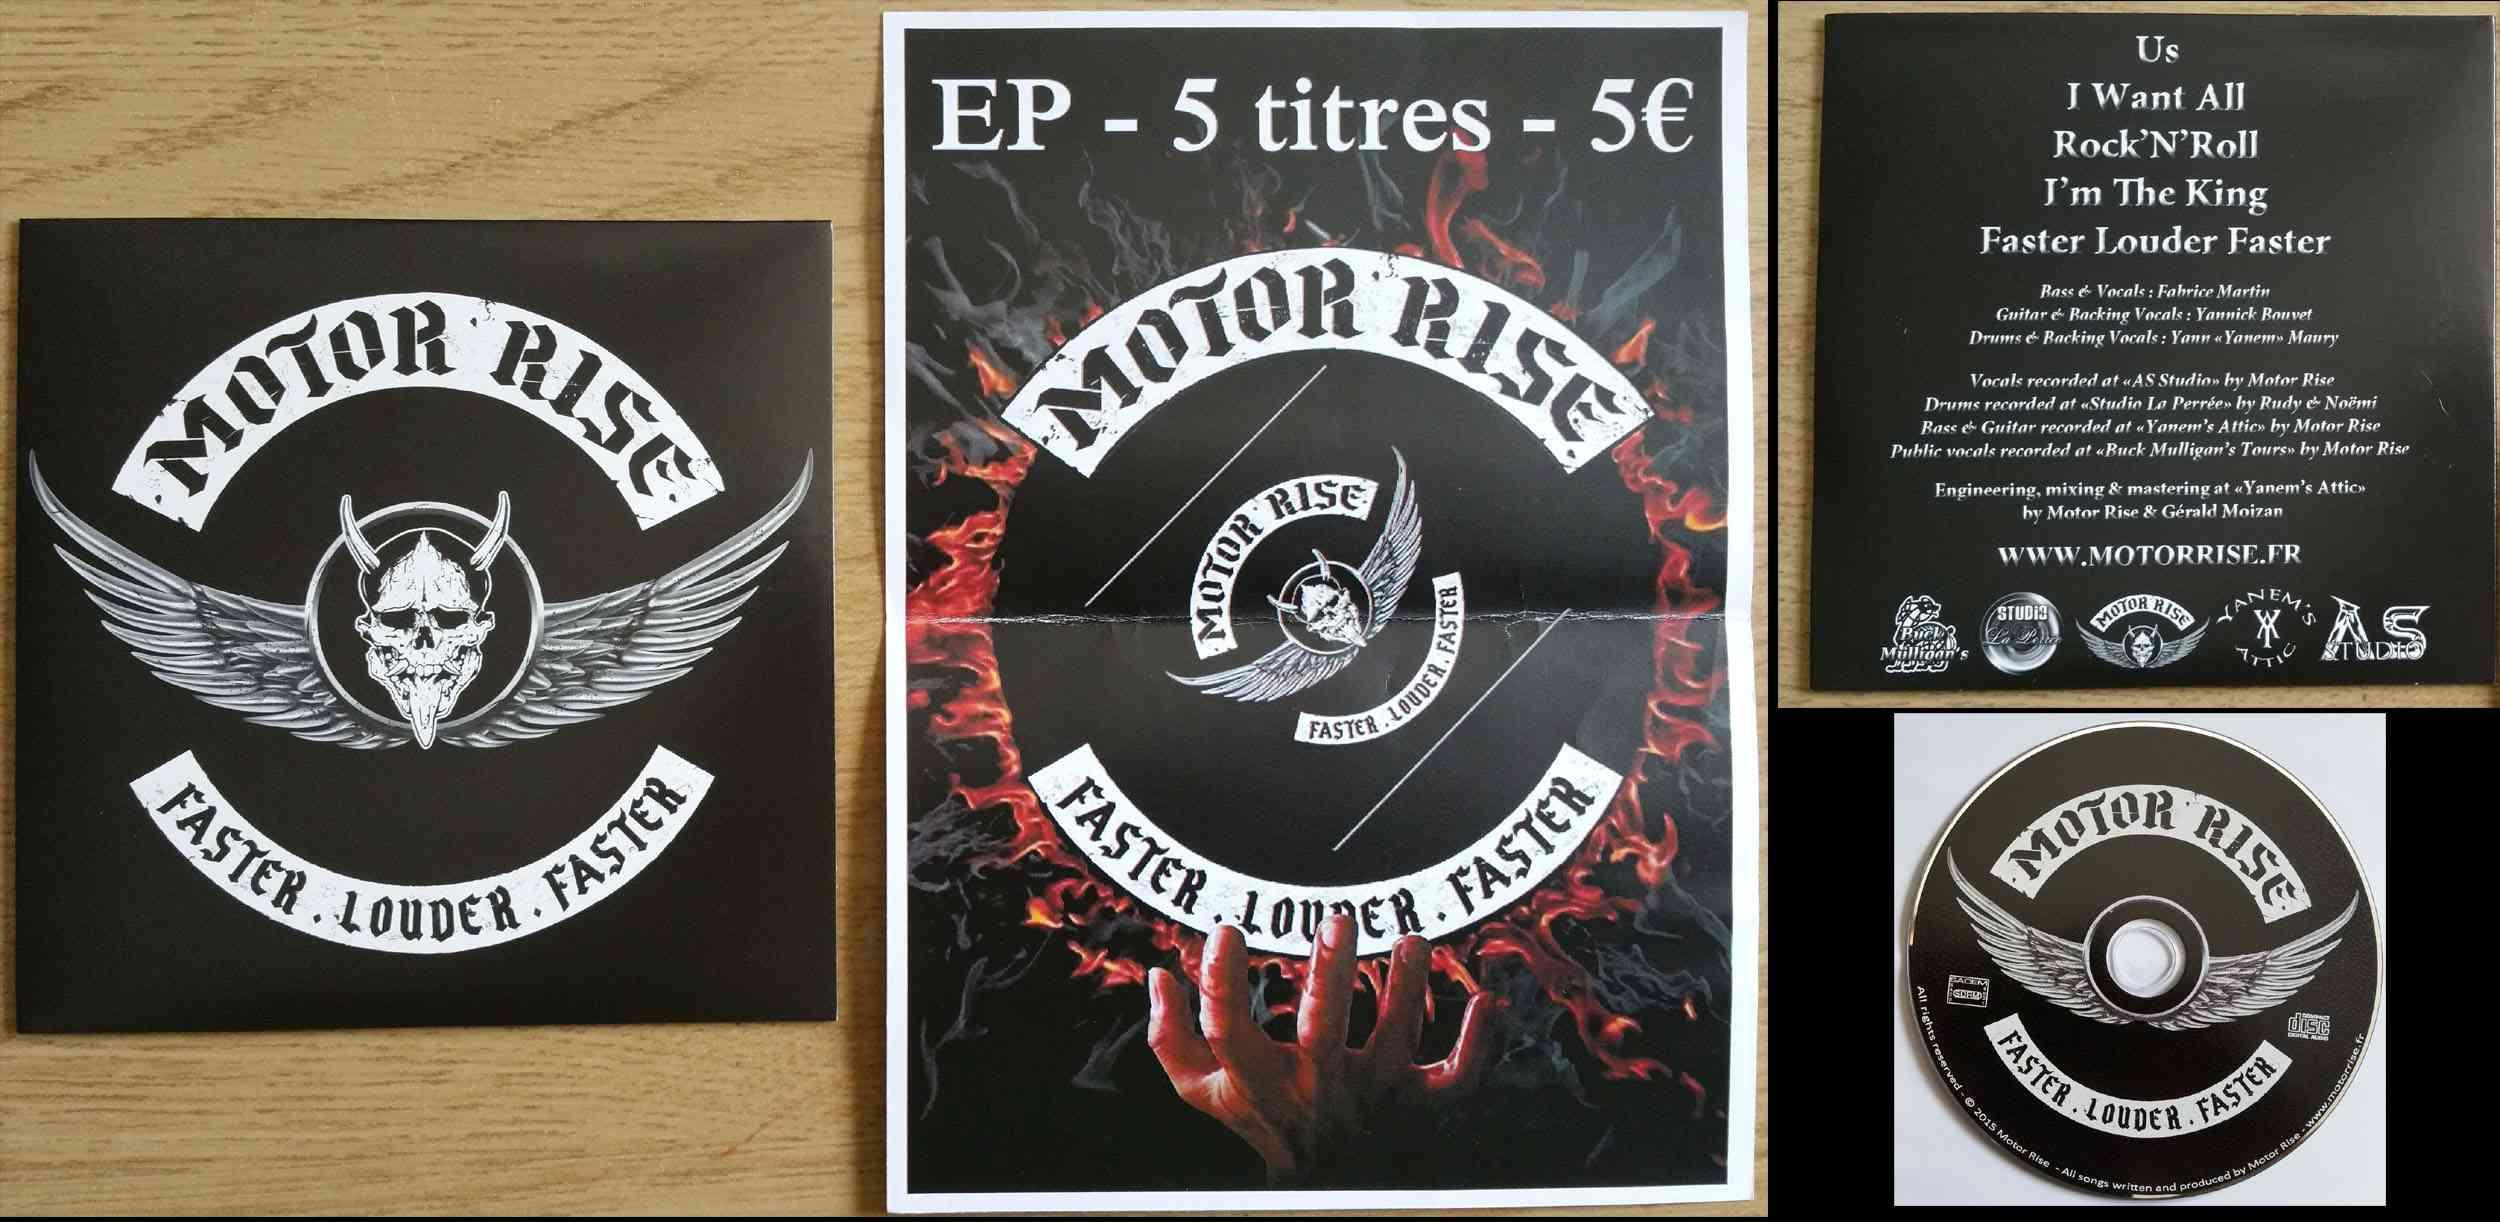 MOTOR RISE Faster Louder Faster (2015) EP Hard-Rock Motor_10